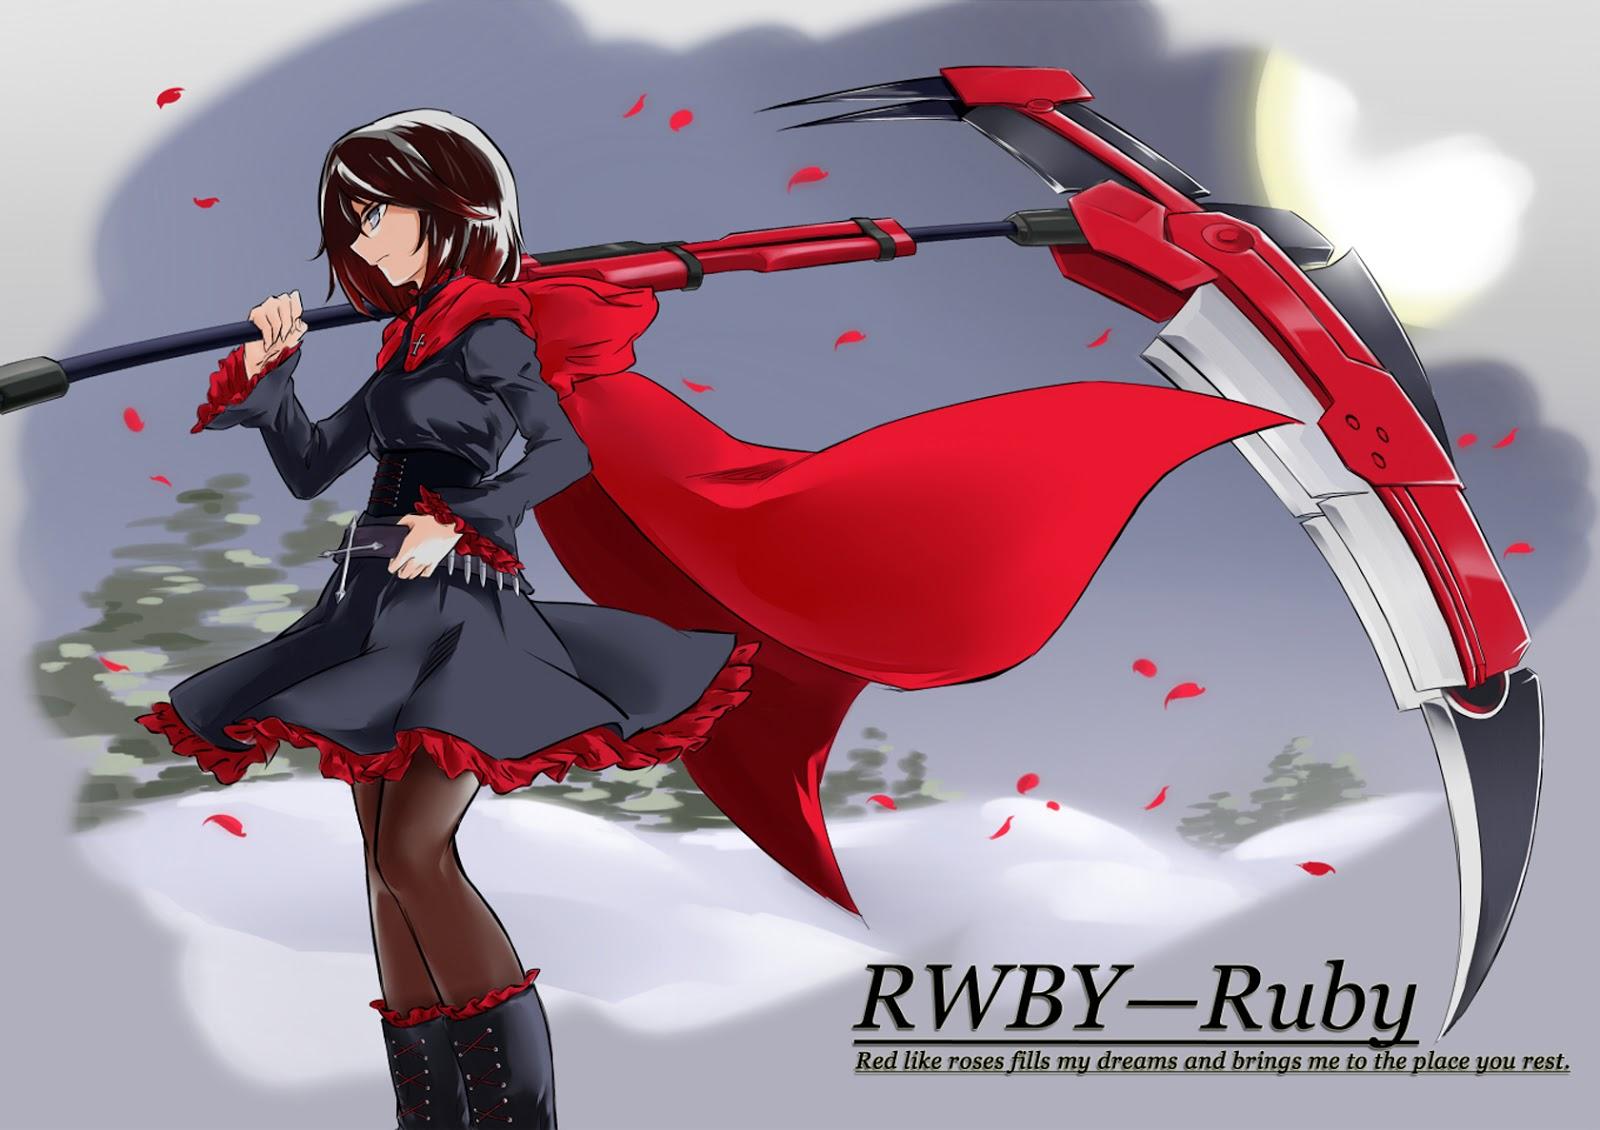 40 red and black anime wallpaper on wallpapersafari - Anime scythe wallpaper ...